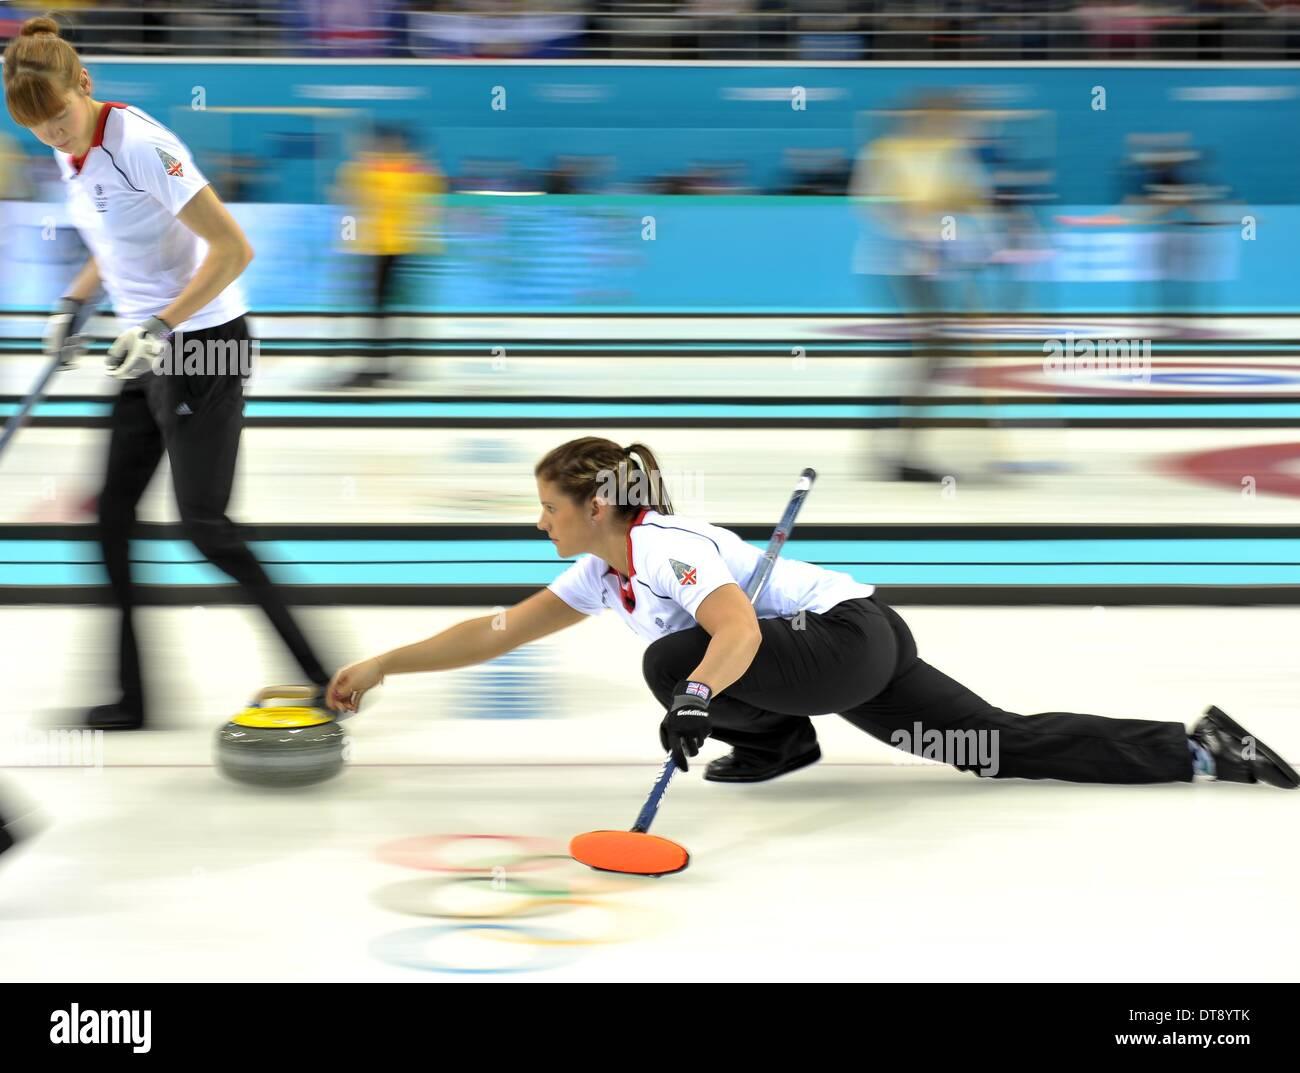 Sochi, Russie. 12 février 2014. Vicki Adams (GBR) pousse au loin avec Claire Hamilton (GBR). Womens curling - Centre de curling Ice Cube - Parc olympique - Sotchi - Russie - 12/02/2014 Credit: Sport en images/Alamy Live News Banque D'Images